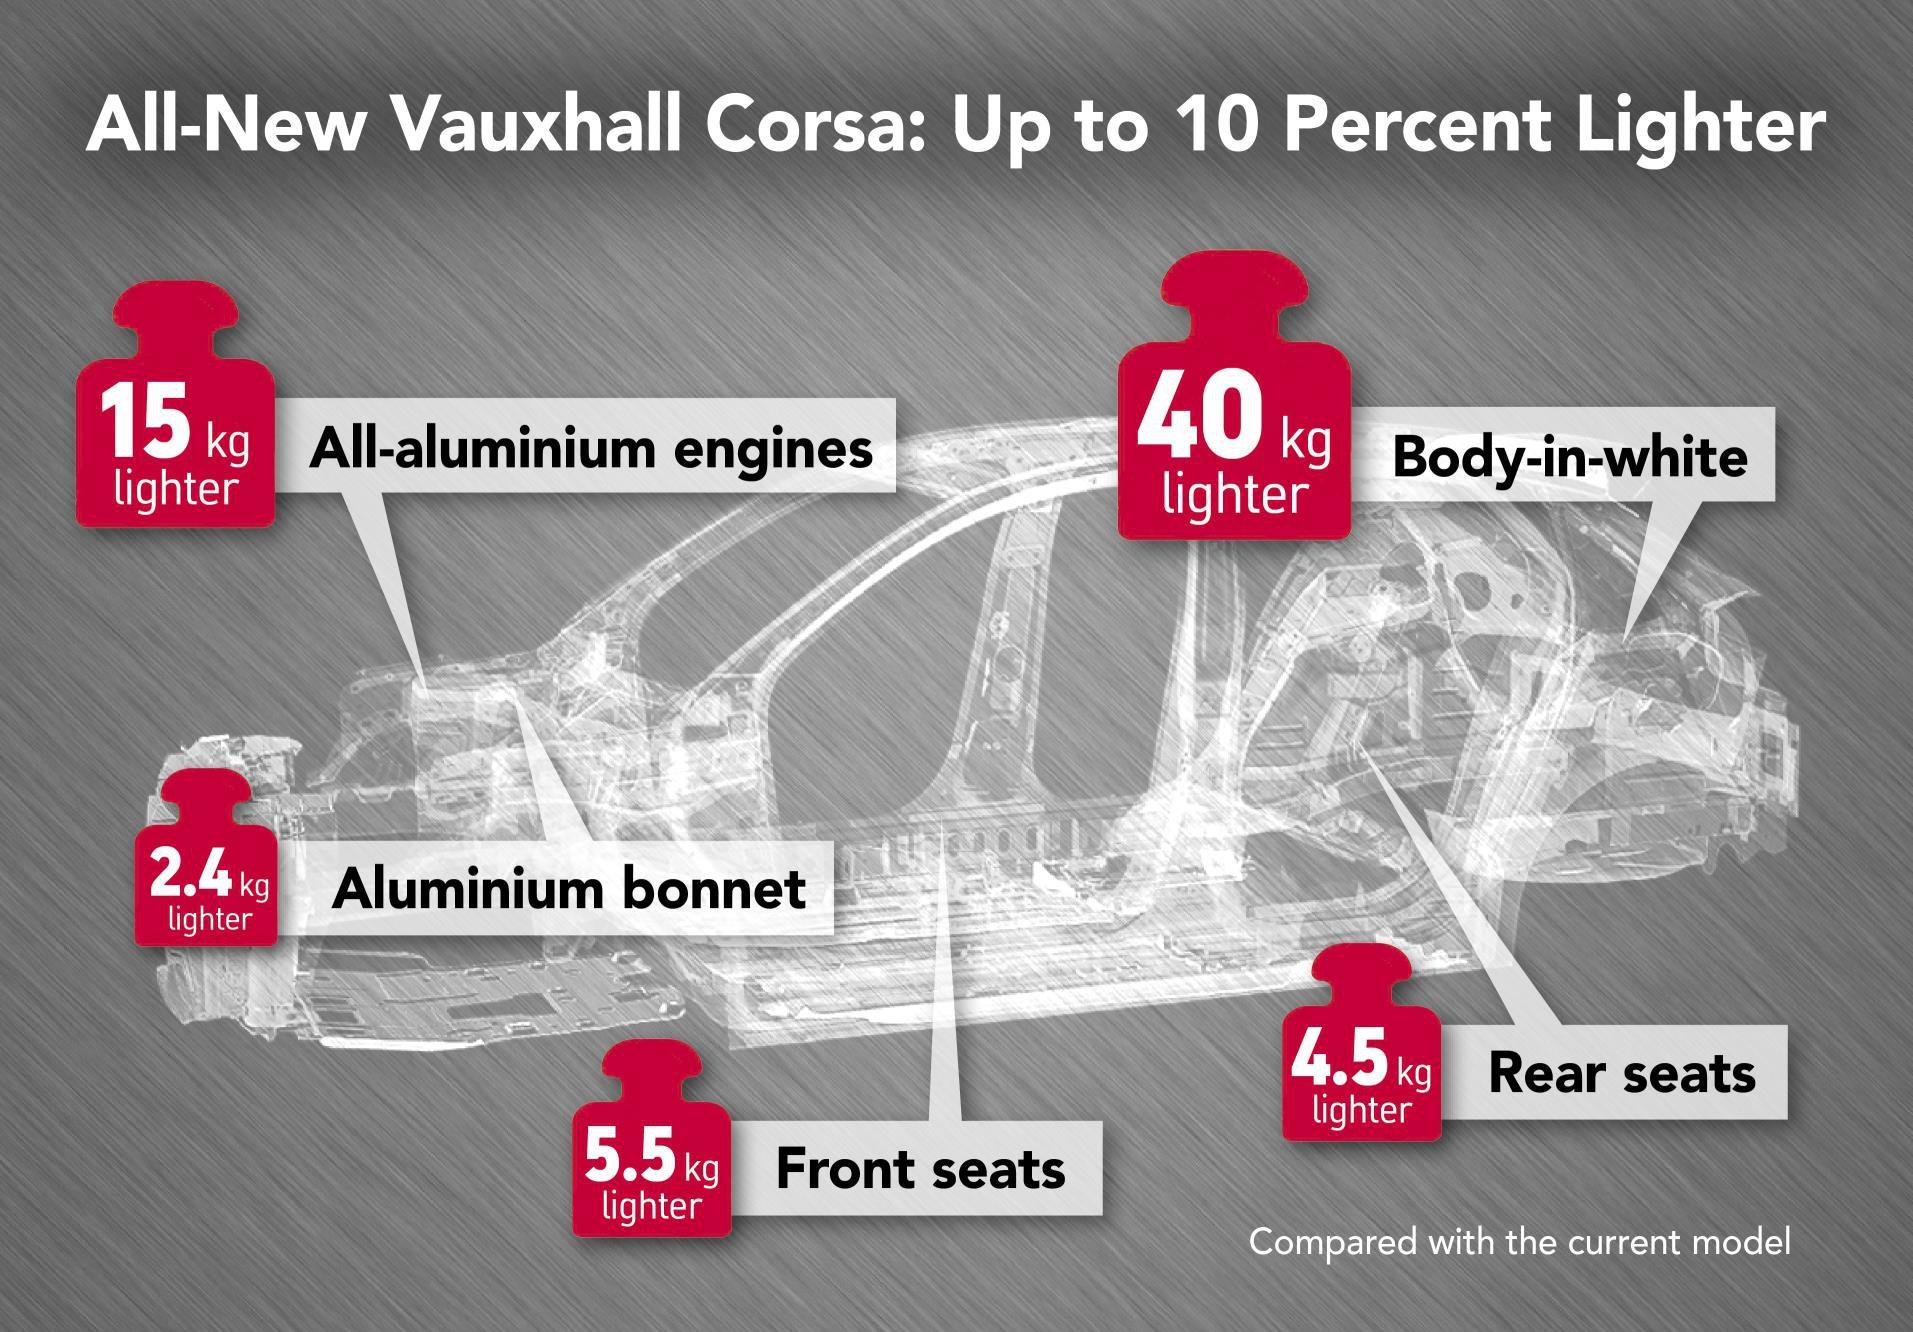 2020 Corsa infographic